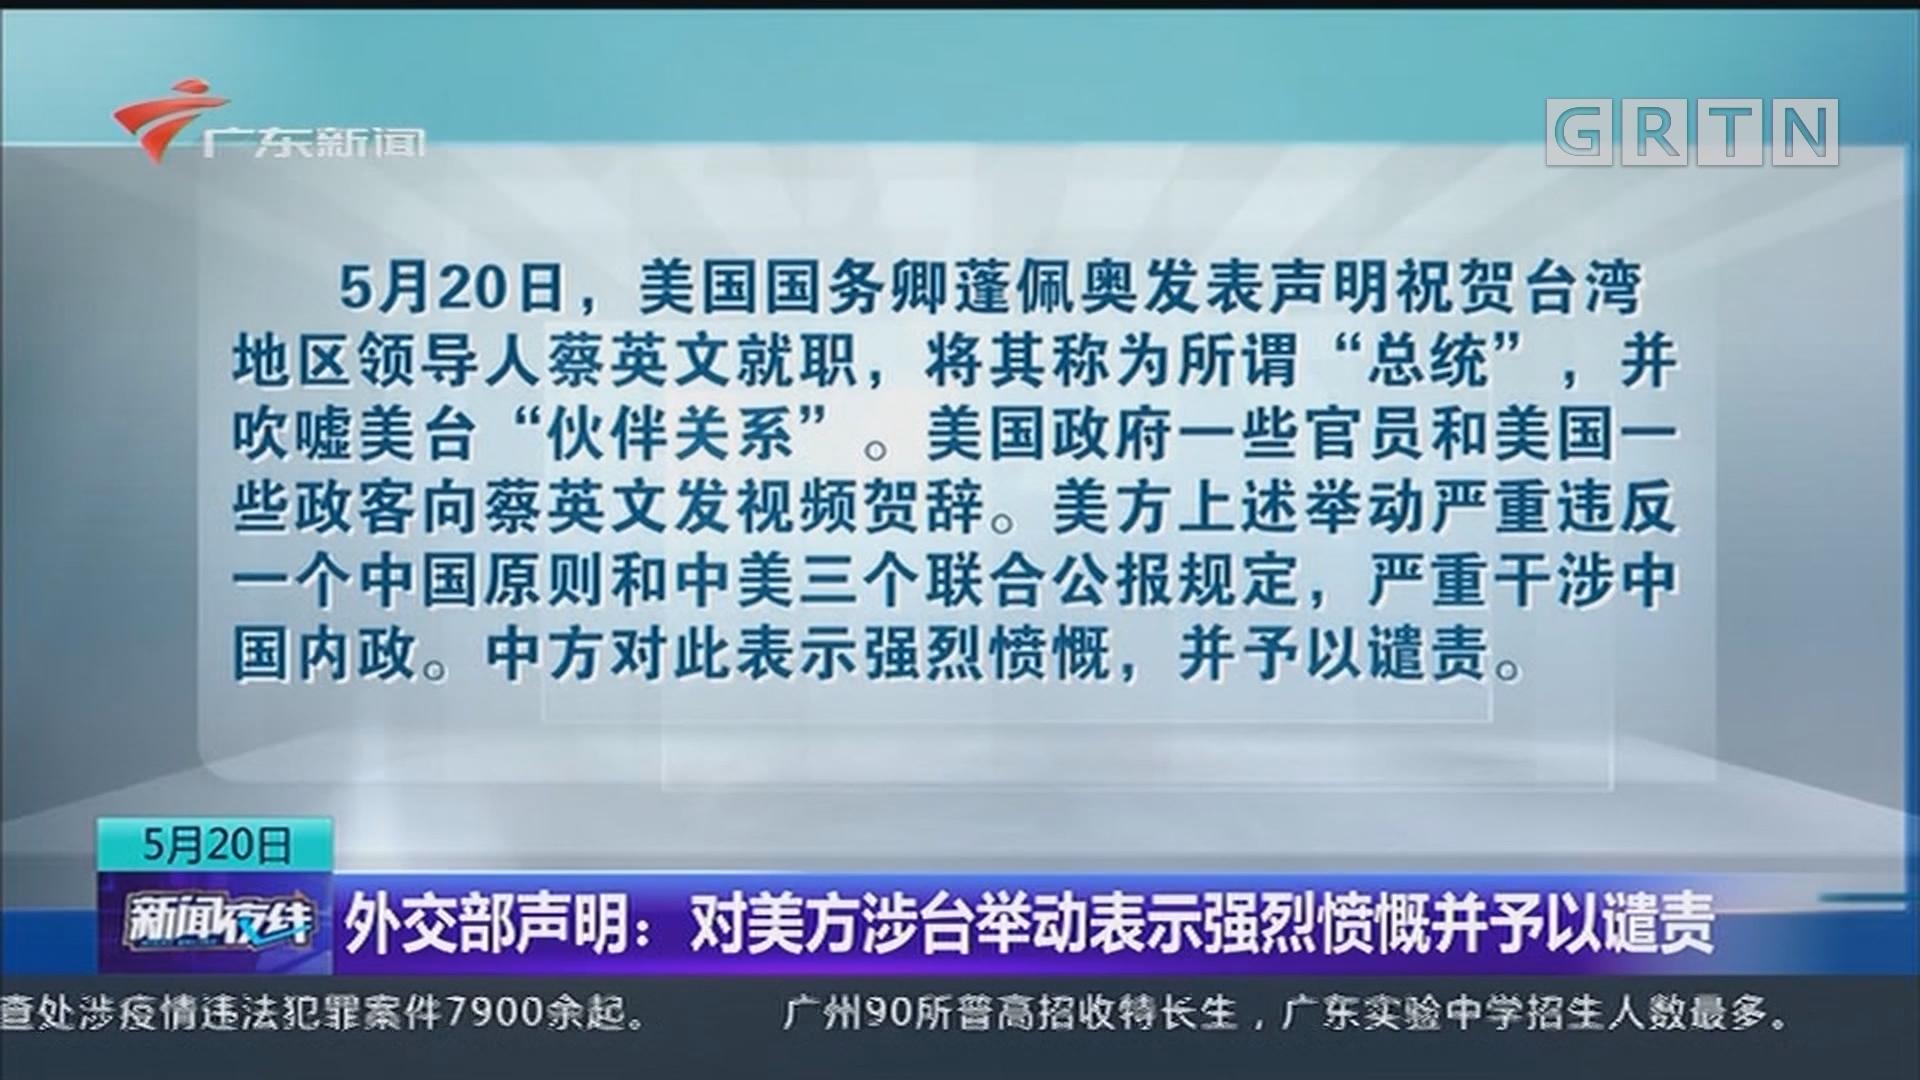 外交部声明:对美方涉台举动表示强烈愤慨并予以谴责